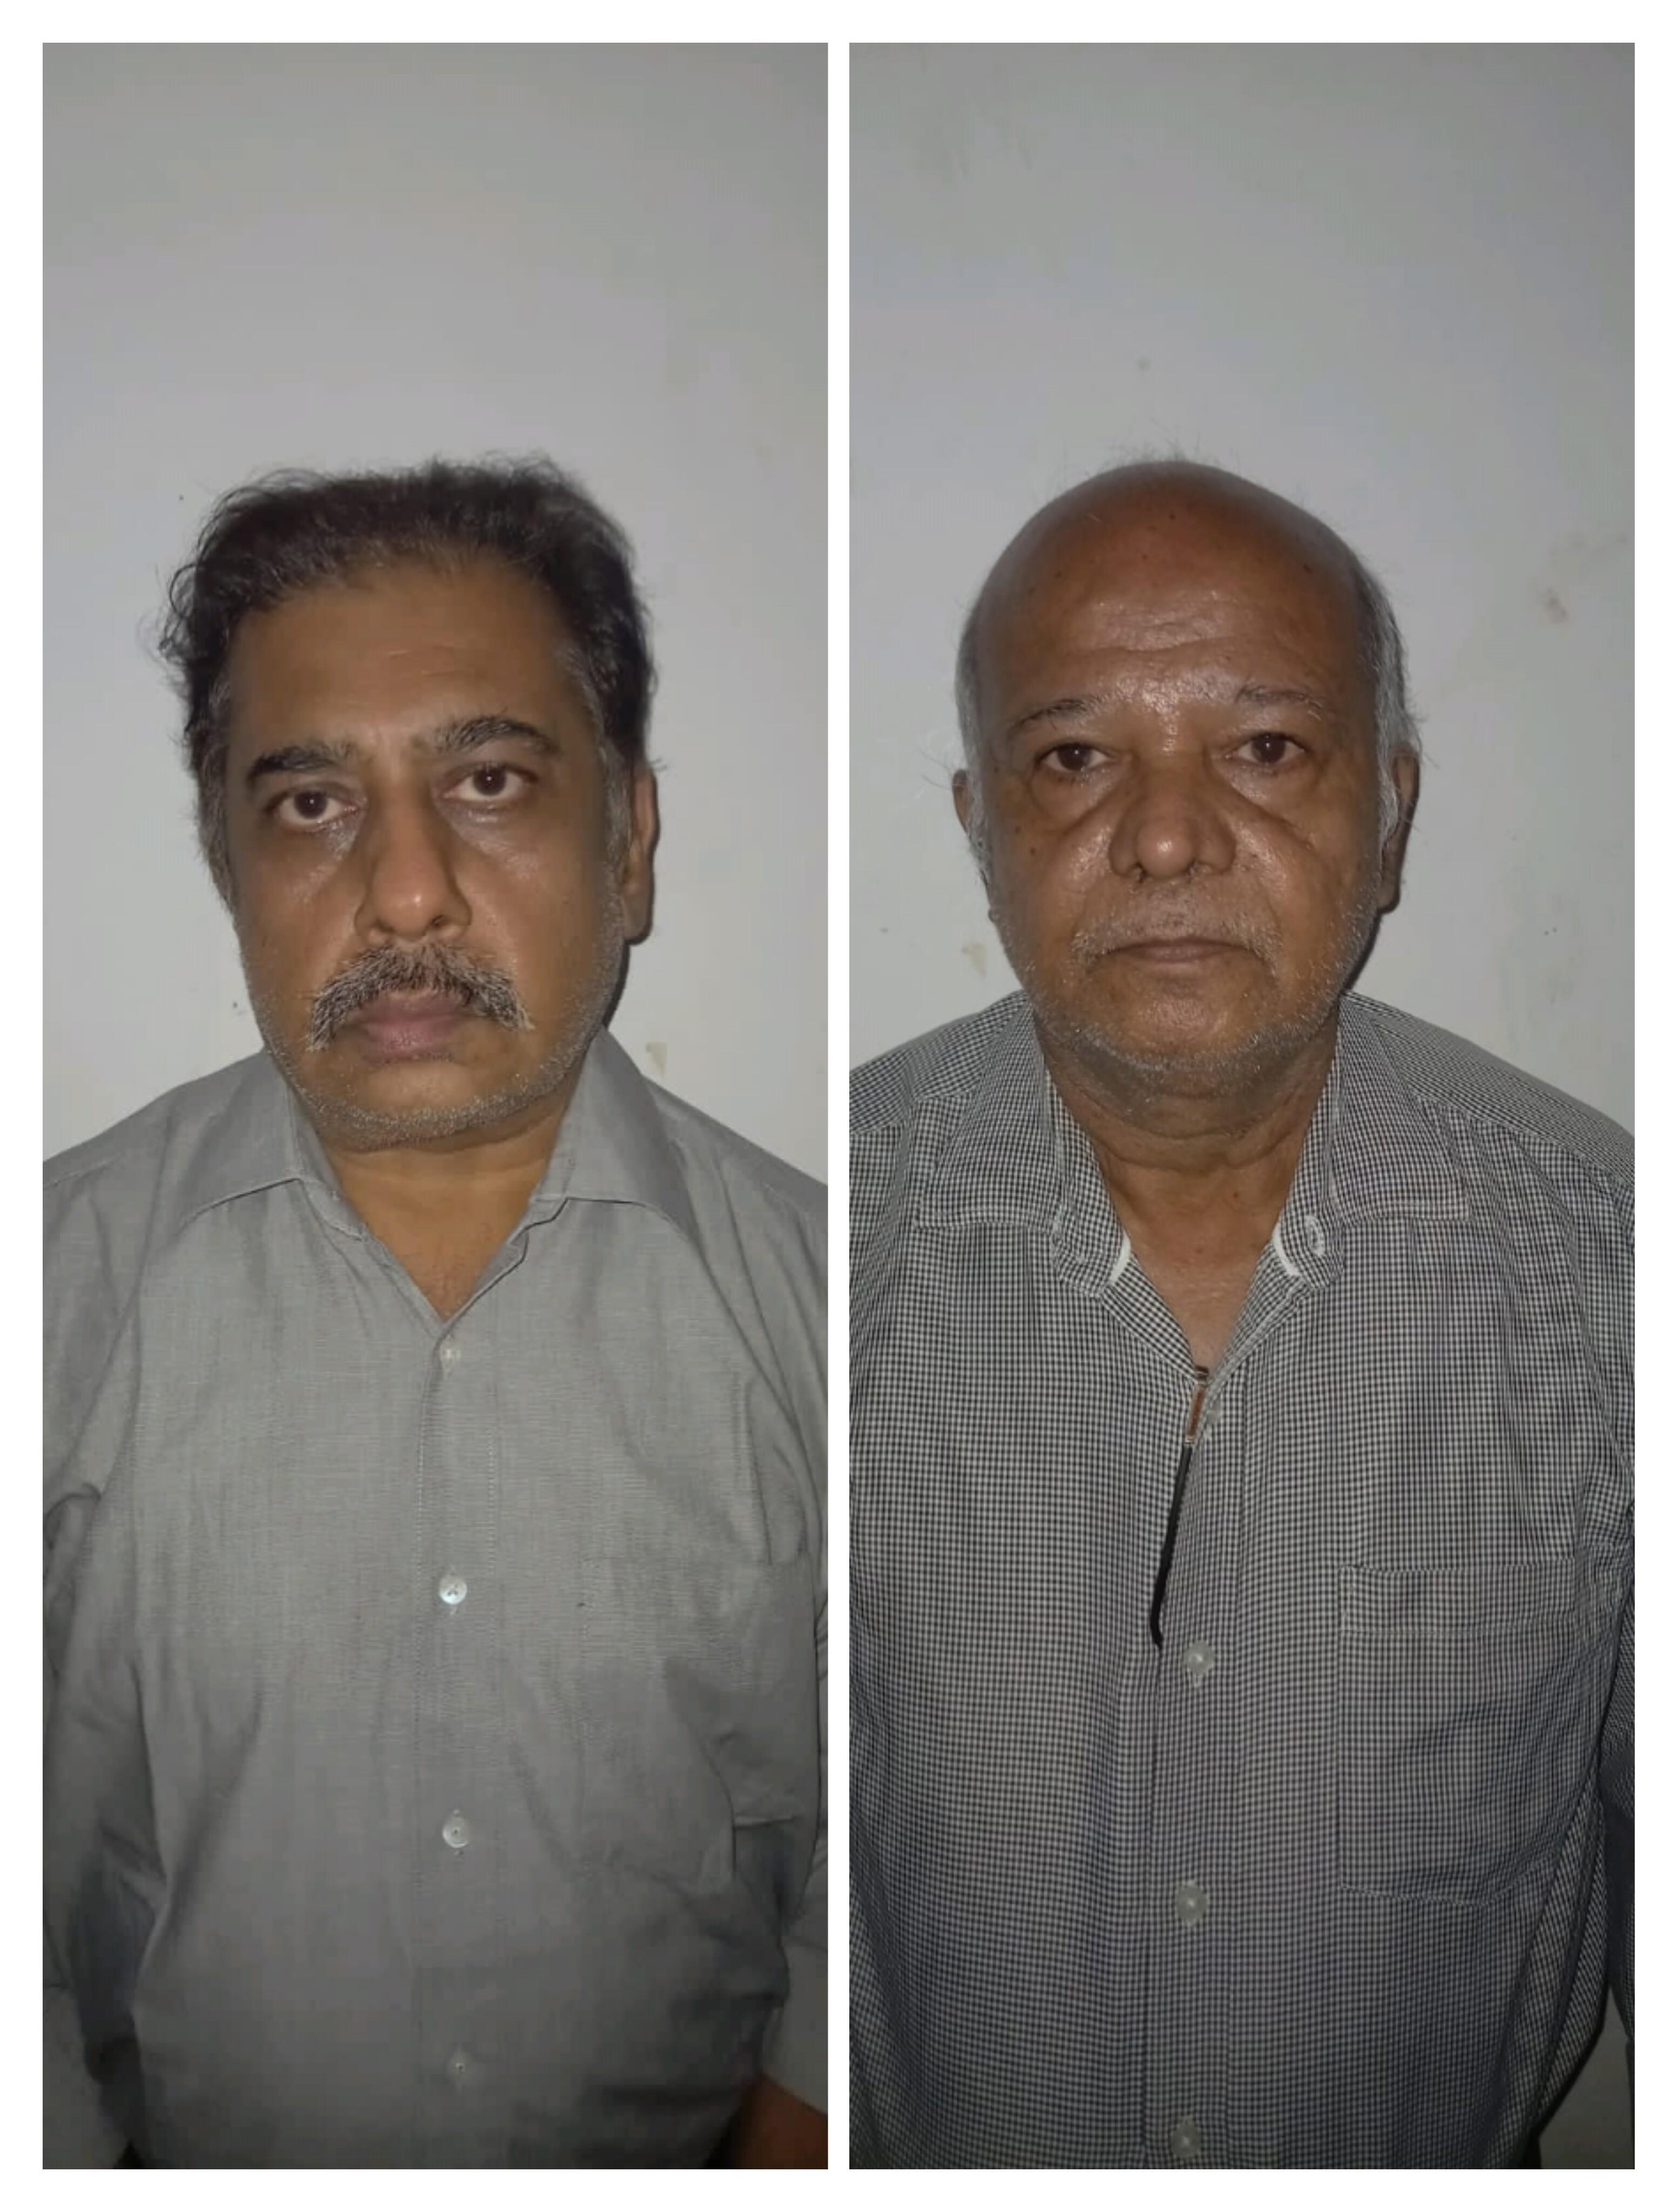 કલોલ ભેદી બ્લાસ્ટ પ્રકરણમાં ONGCનાં બે અધિકારીઓની ધરપકડ, સાચી NOC આપી હોવાનો લૂલો બચાવ|ગાંધીનગર,Gandhinagar - Divya Bhaskar